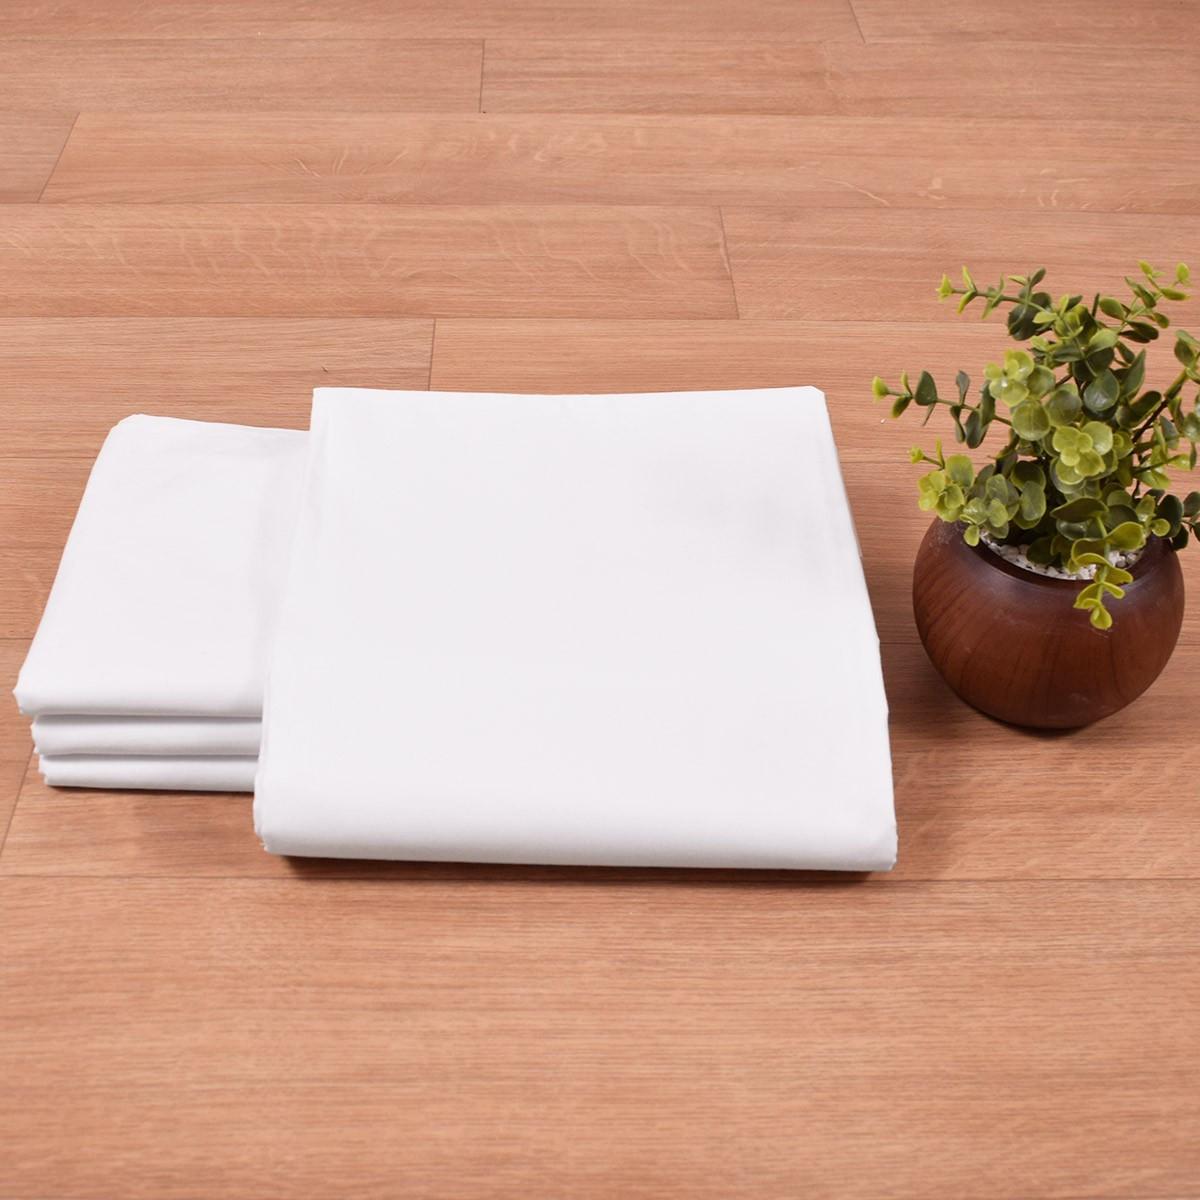 Σεντόνι (170x270) 70%Βαμβάκι 30%Polyester T200 home   επαγγελματικός εξοπλισμός   ξενοδοχειακός εξοπλισμός   σεντόνια ξενοδοχεί